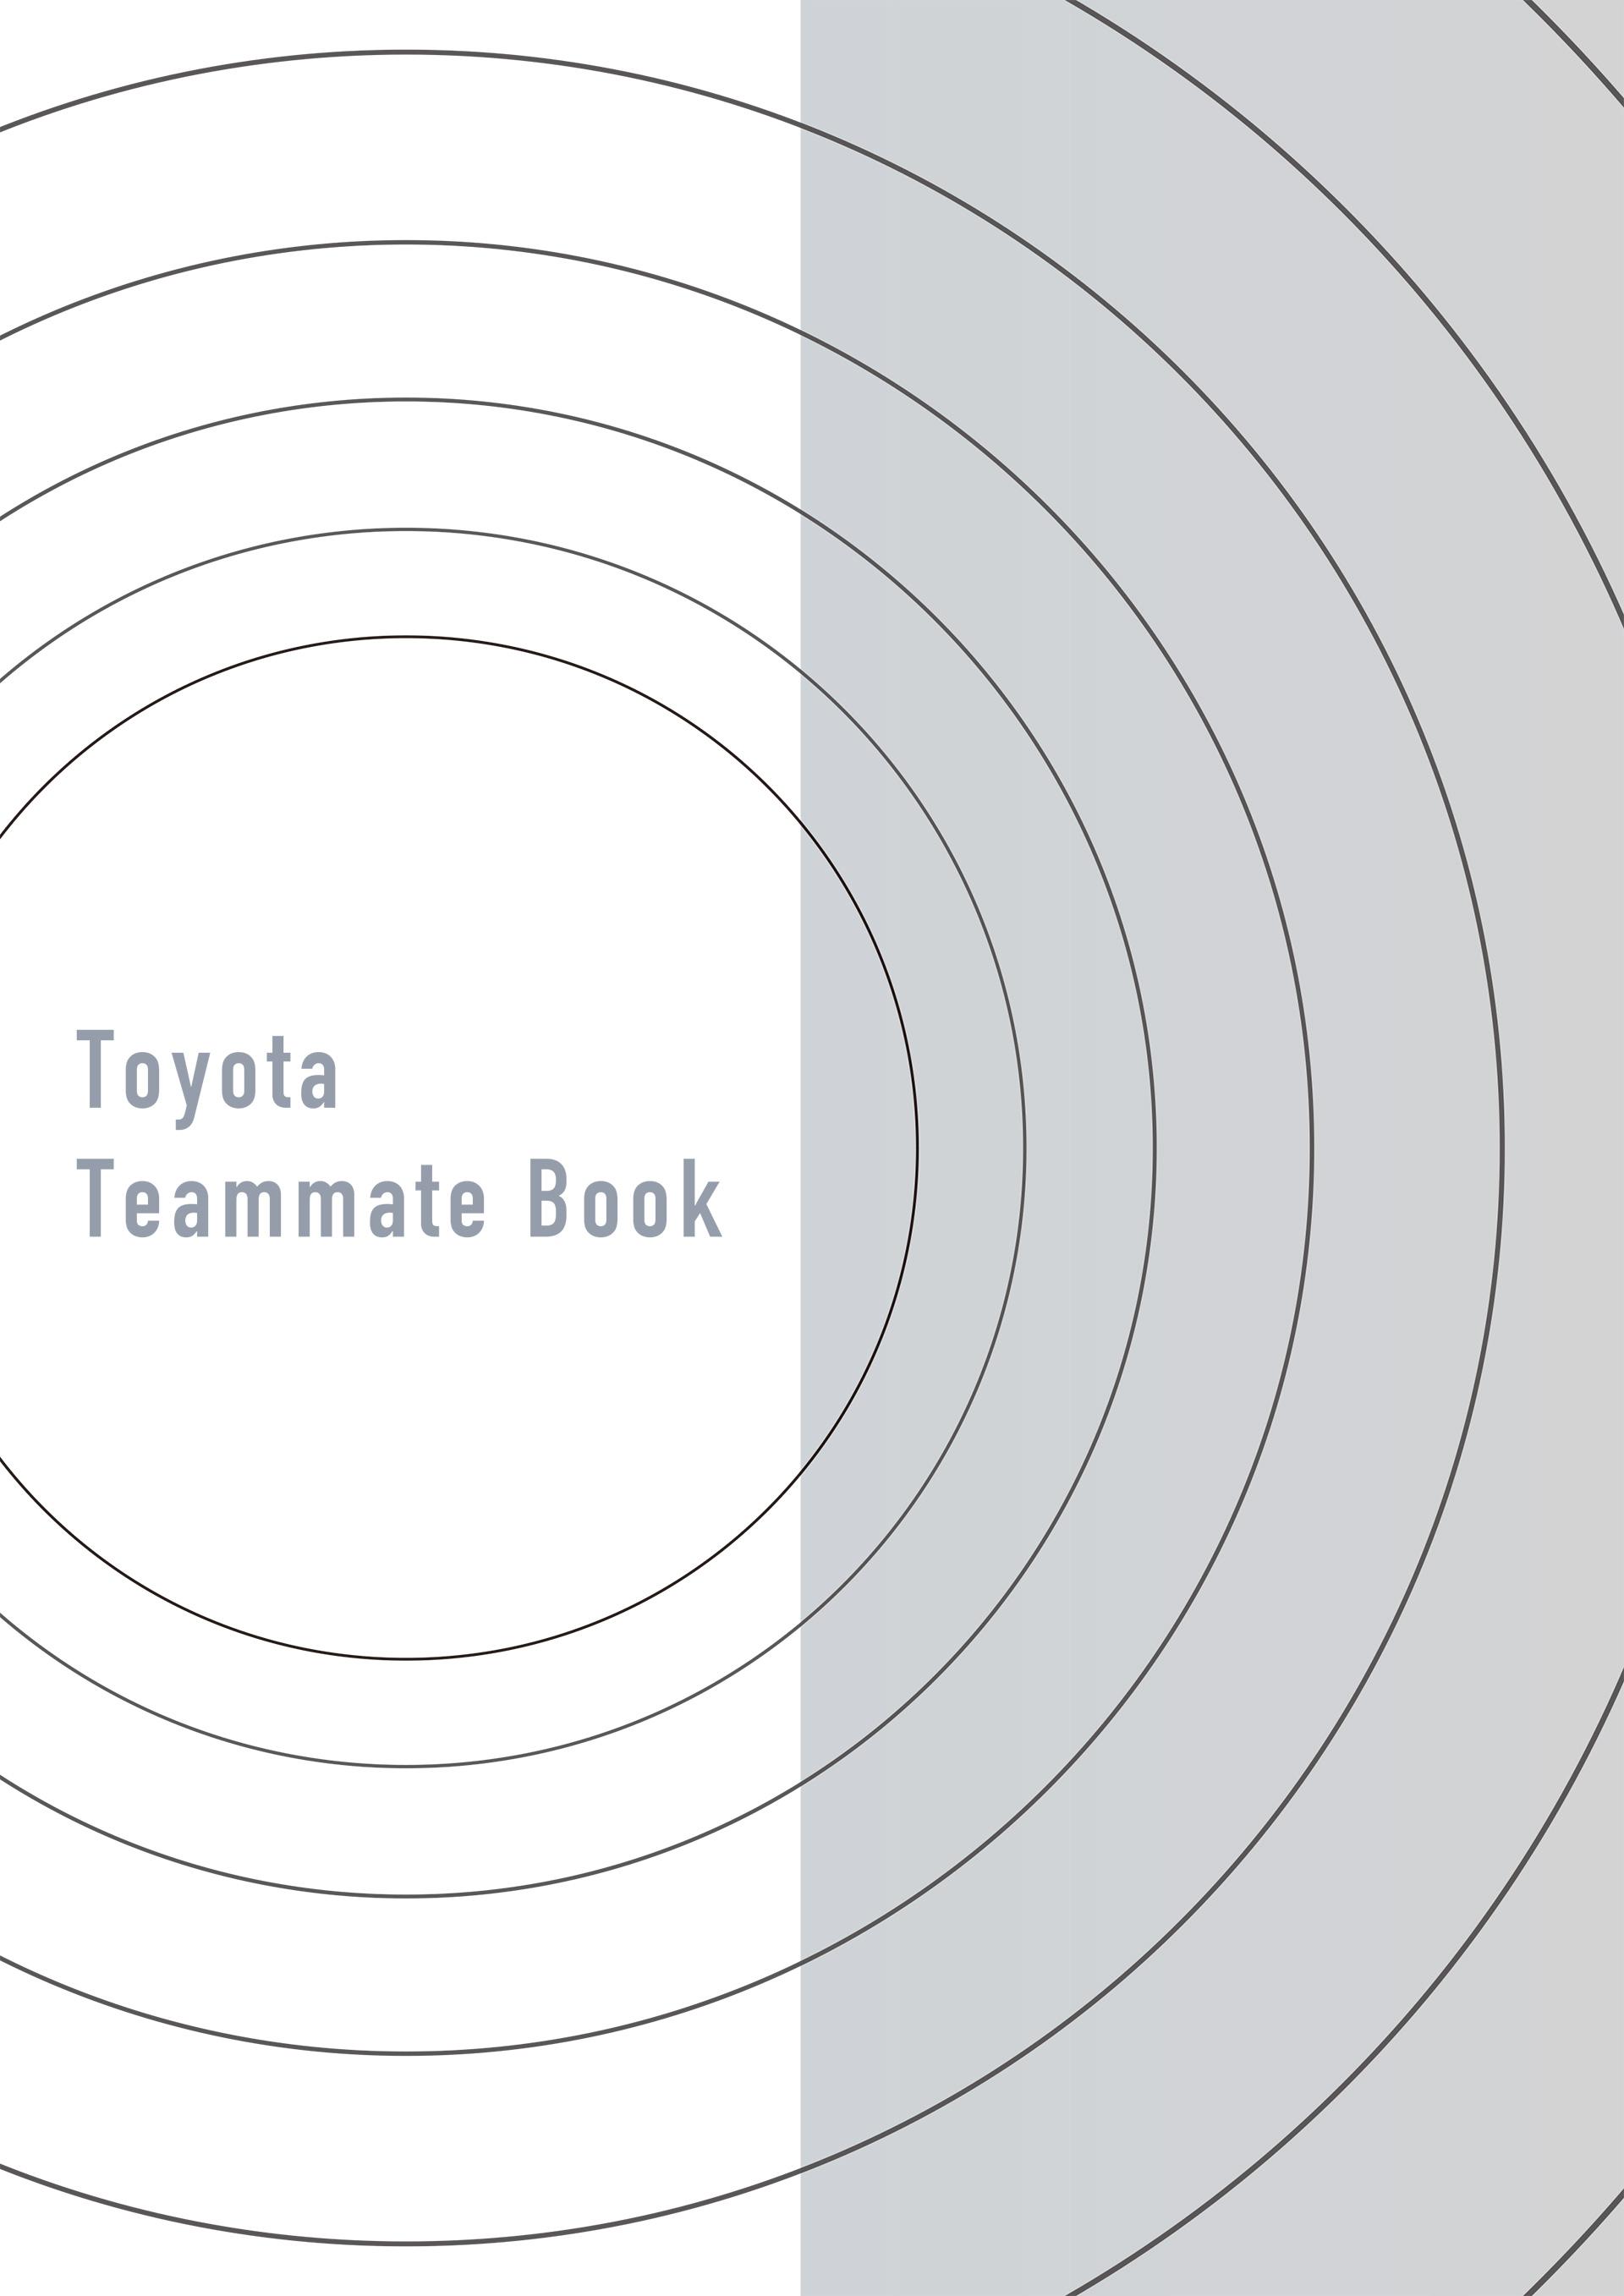 Toyota Teammate Book